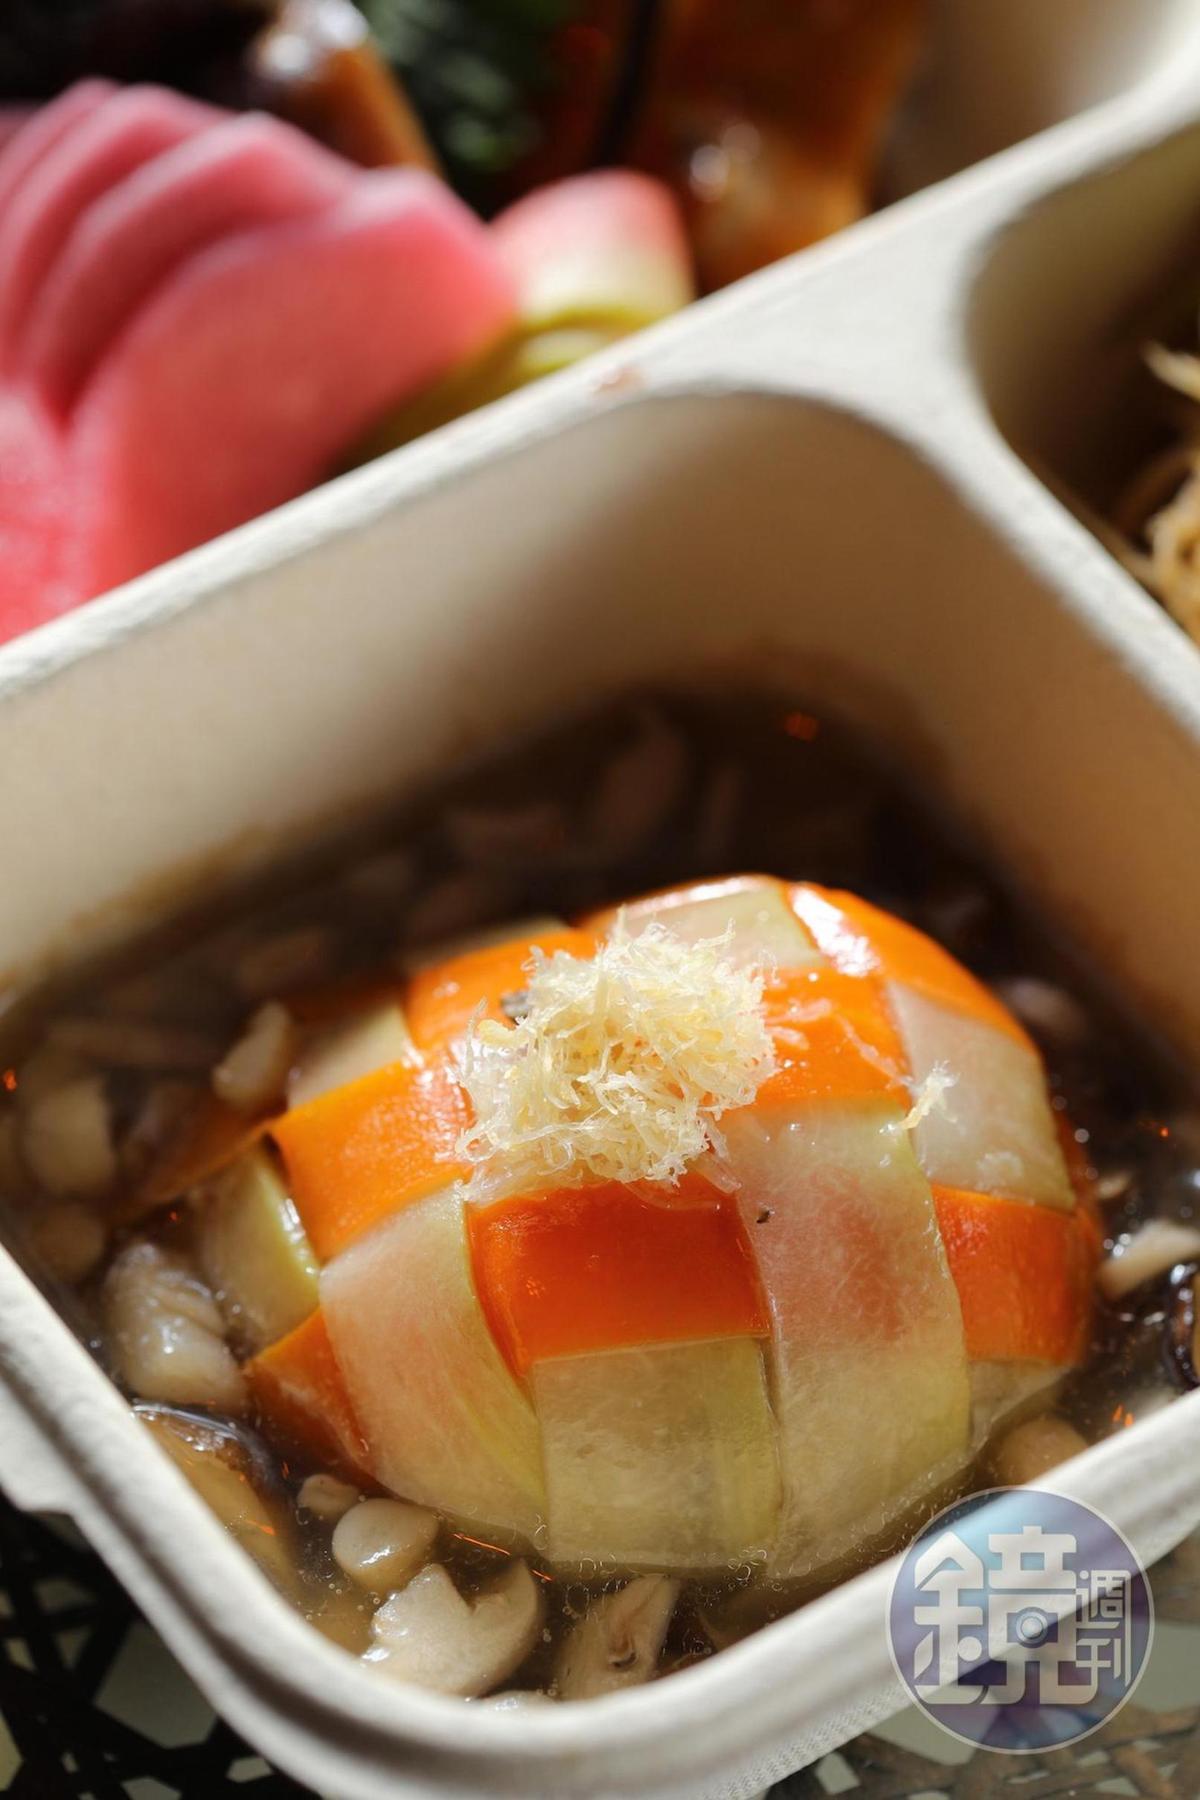 以有機紅蘿蔔、蒲瓜交織成十字花紋,淋上雞高湯的「蒲瓜封」十足費工。